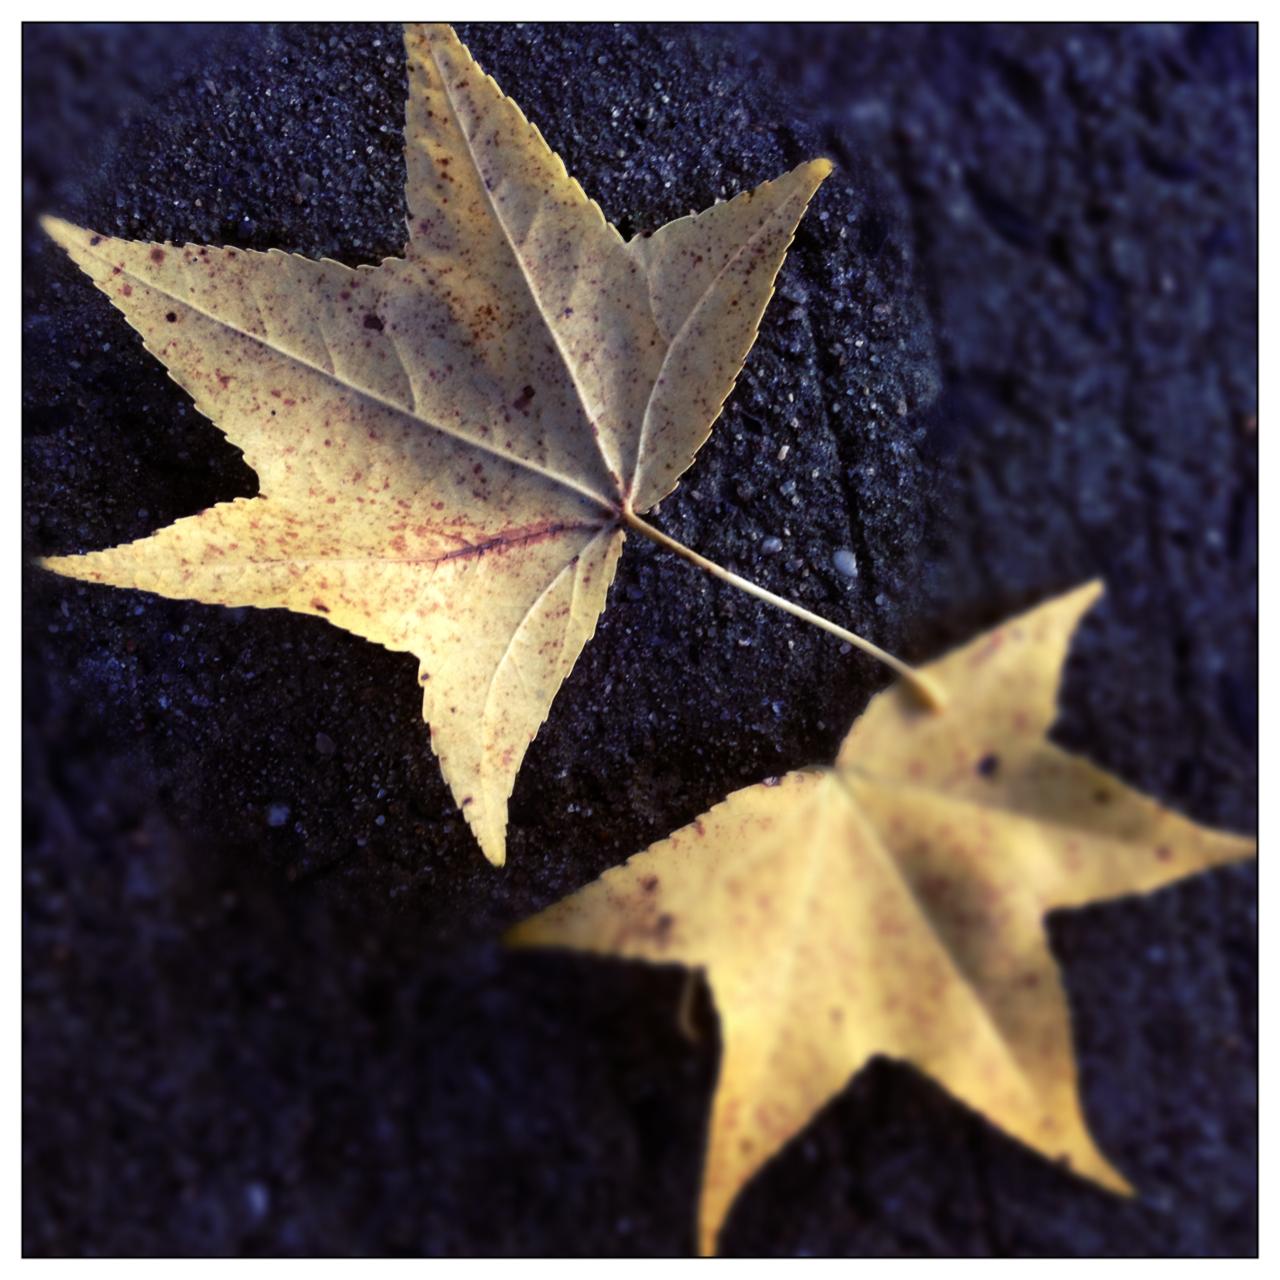 Leaves, wpid 5246dafadc06e2.88639279